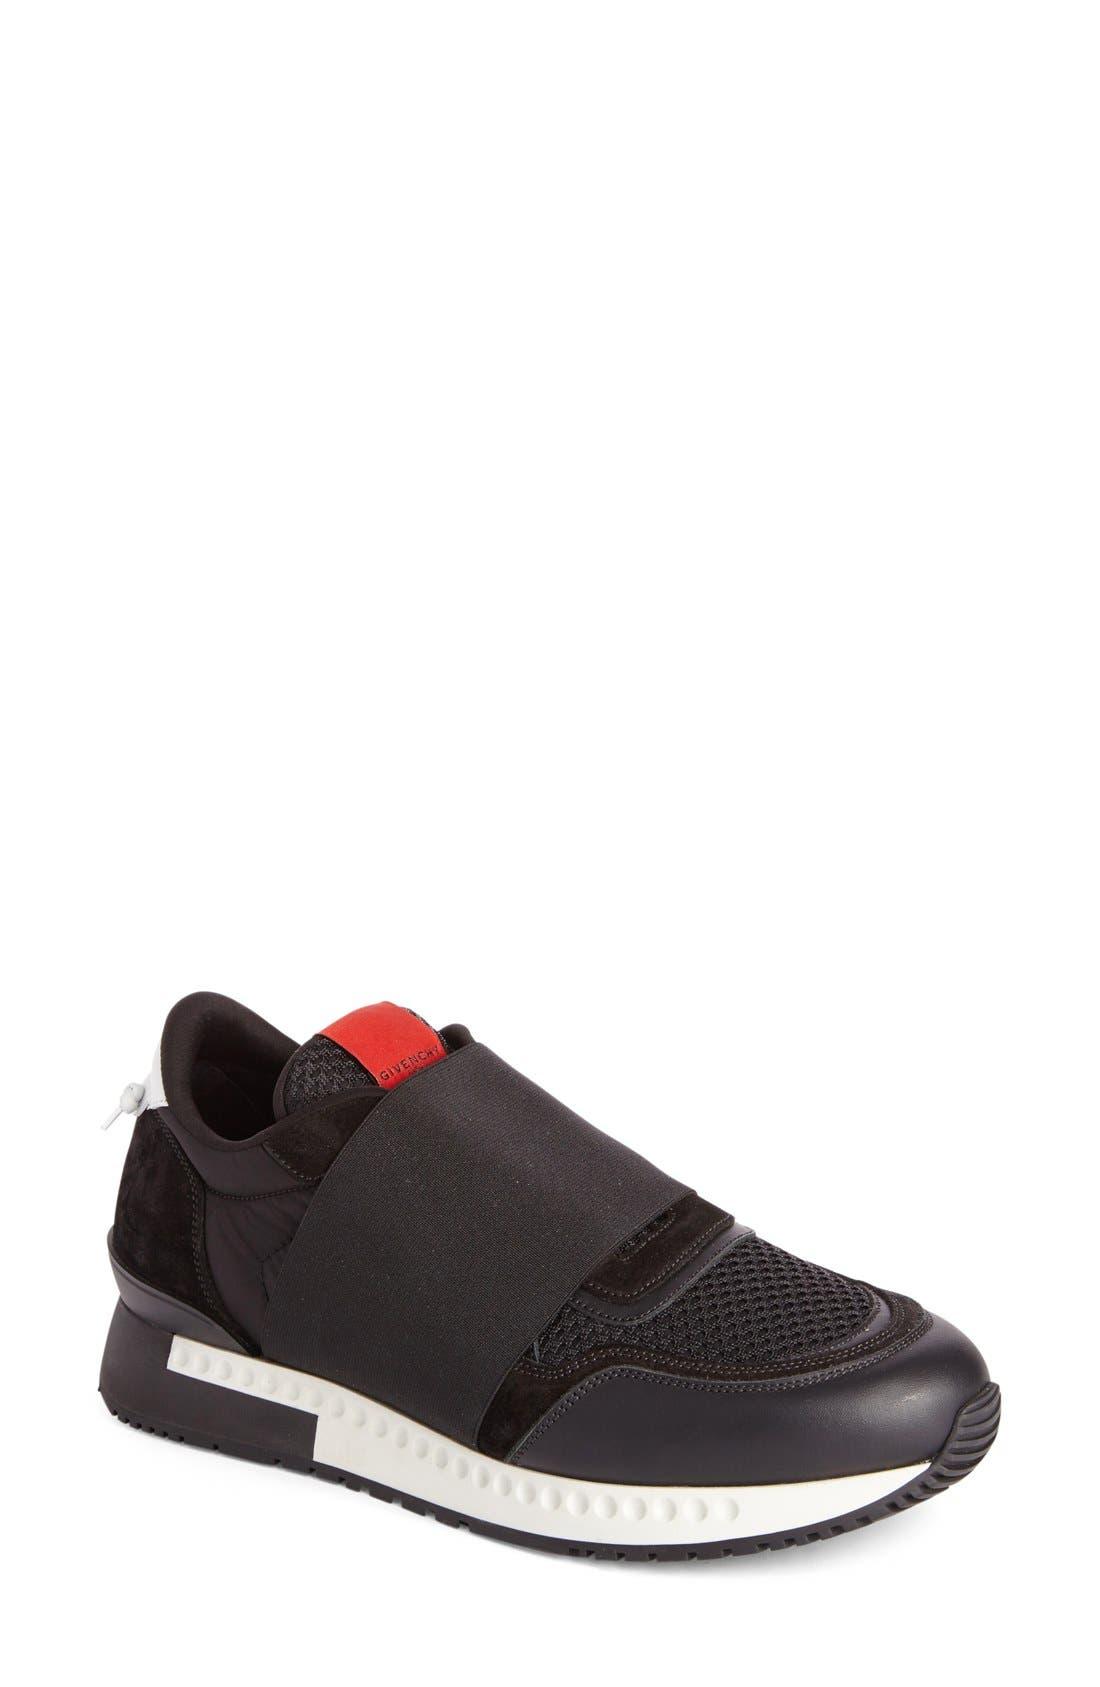 Givenchy Slip-On Sneaker (Men)